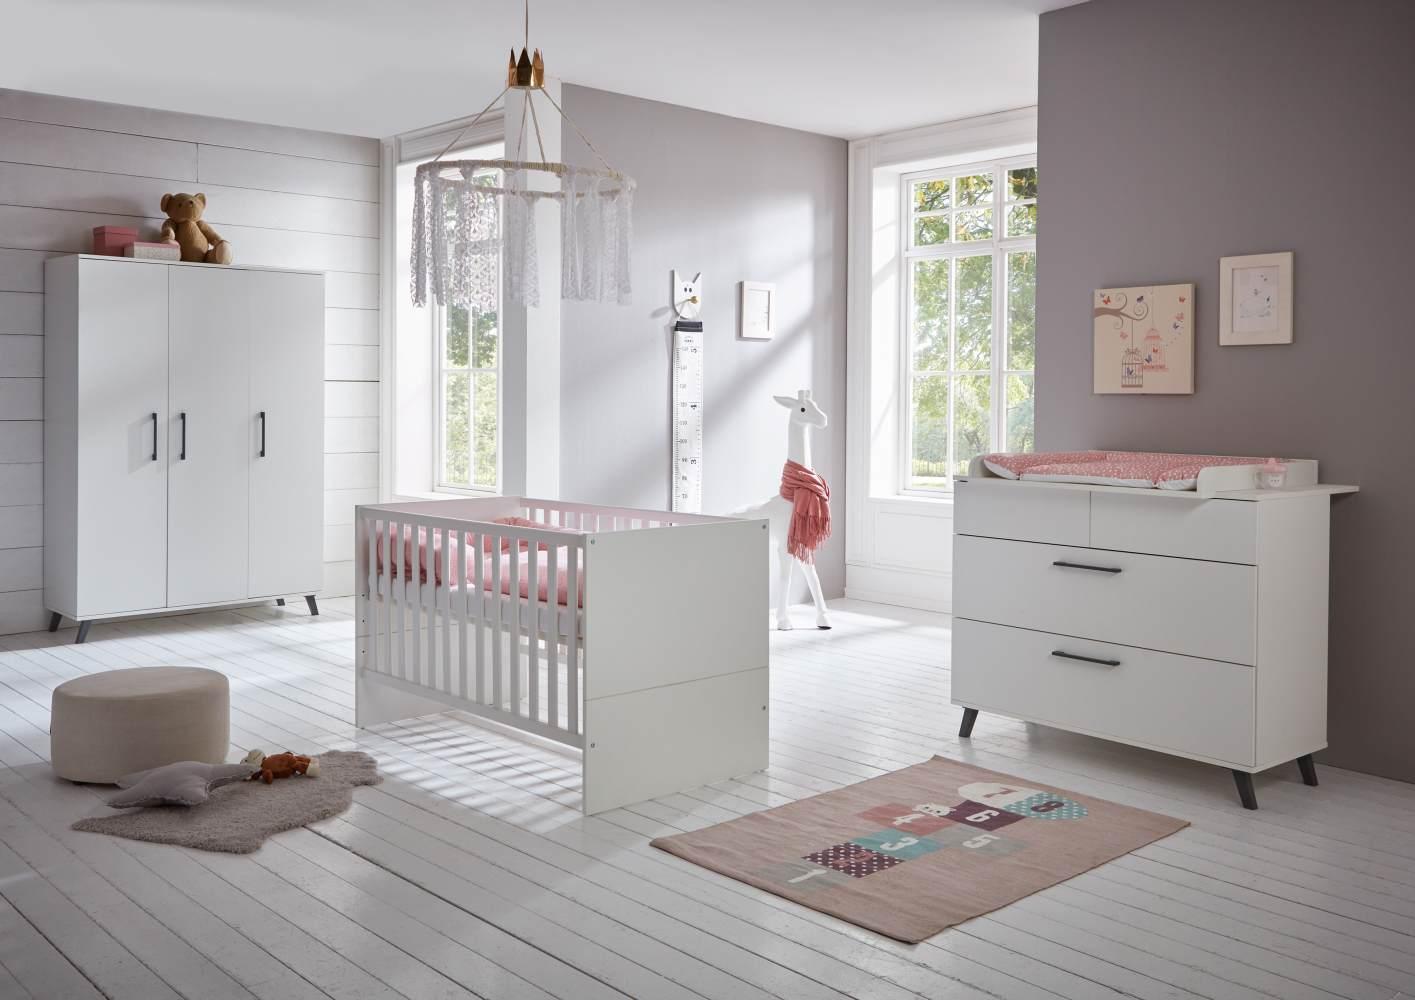 Arthur Berndt 'Amal' Babyzimmer Komplettset 3-teilig, Kinderbett (70 x 140 cm), Wickelkommode mit Wickelaufsatz und Kleiderschrank Kreideweiß Bild 1